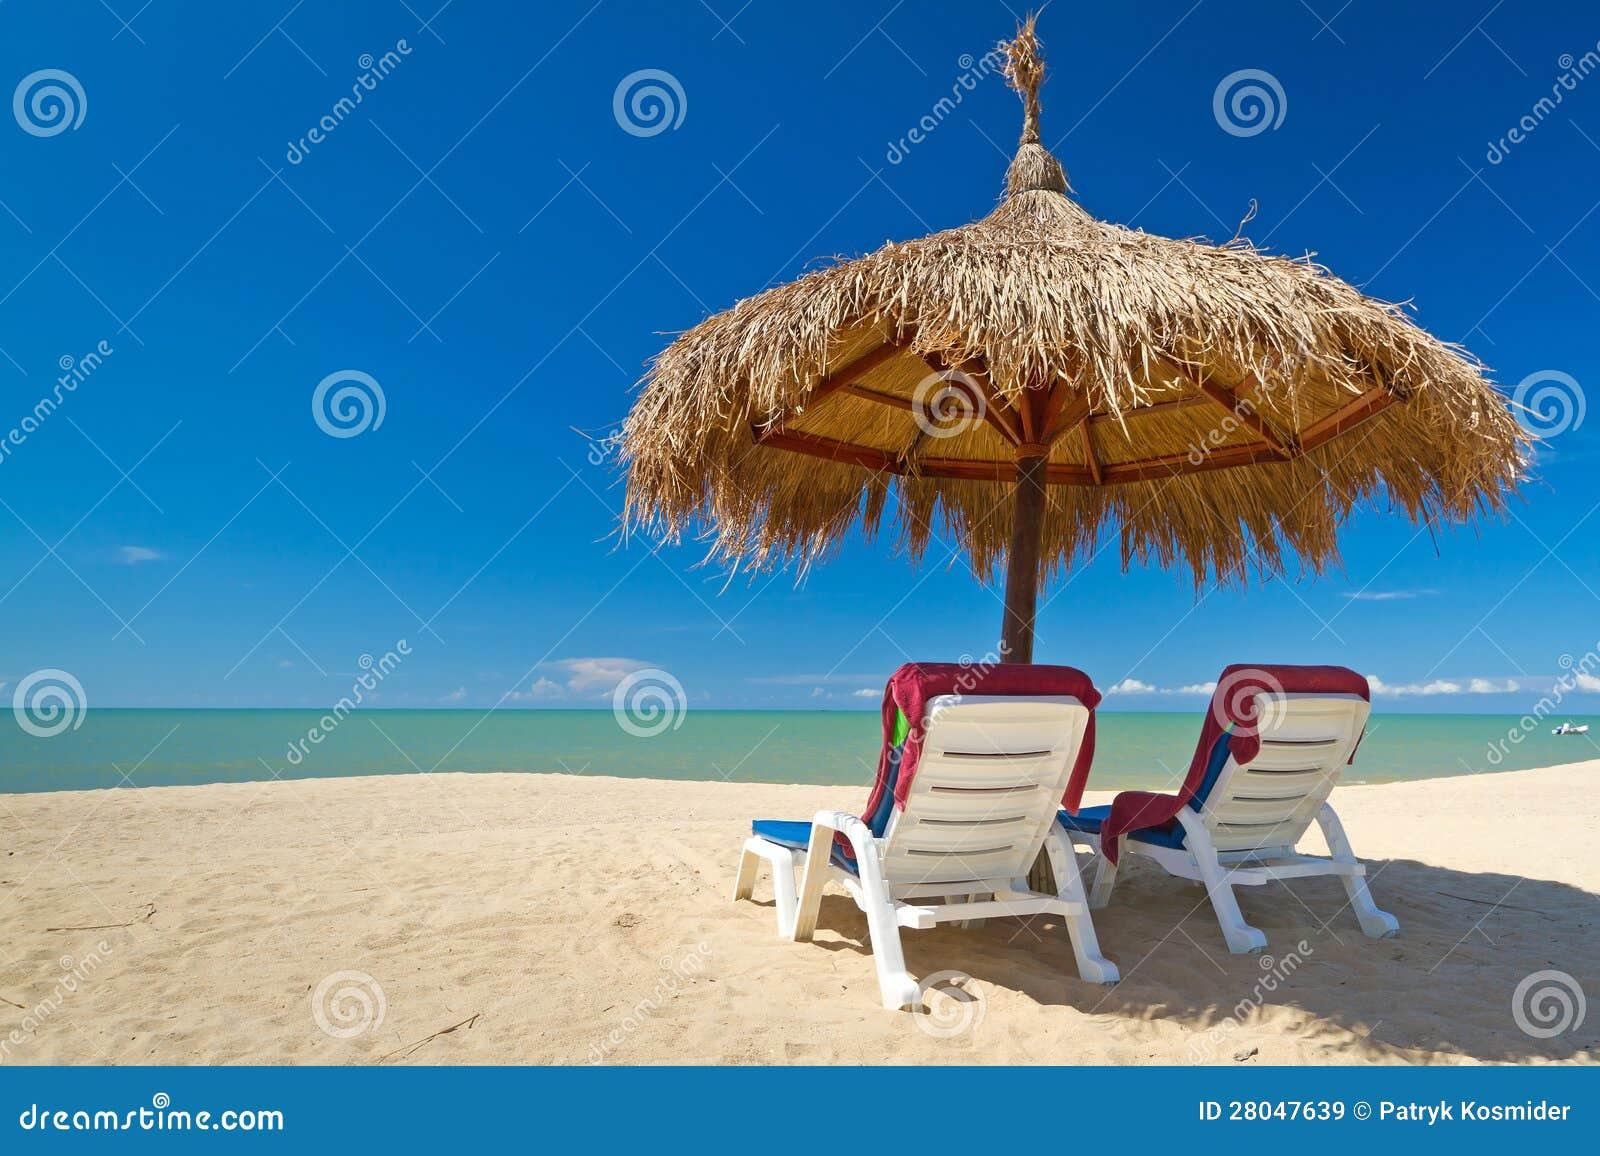 Paesaggio tropicale della spiaggia con i parasoli immagine for Disegni della casa sulla spiaggia